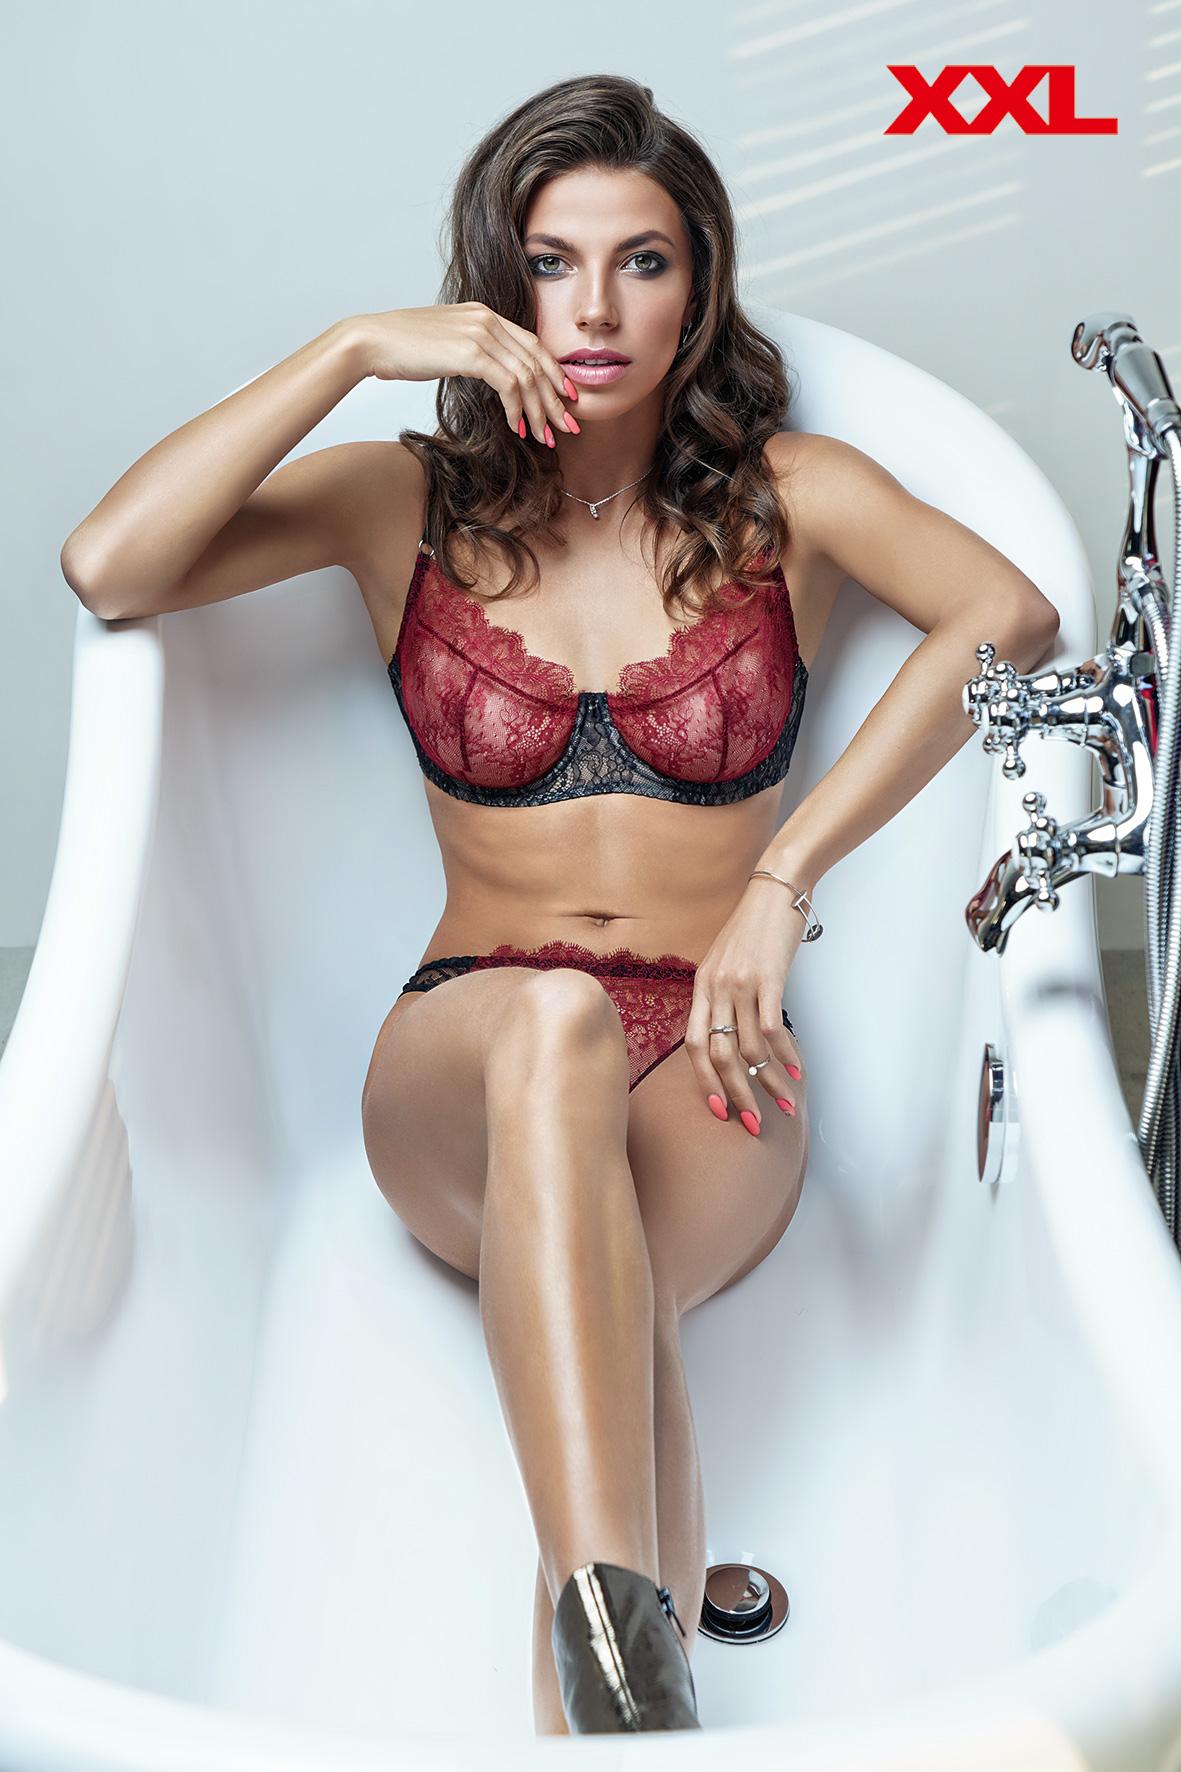 Марина Бех-Романчук на обкладинці журналу XXL